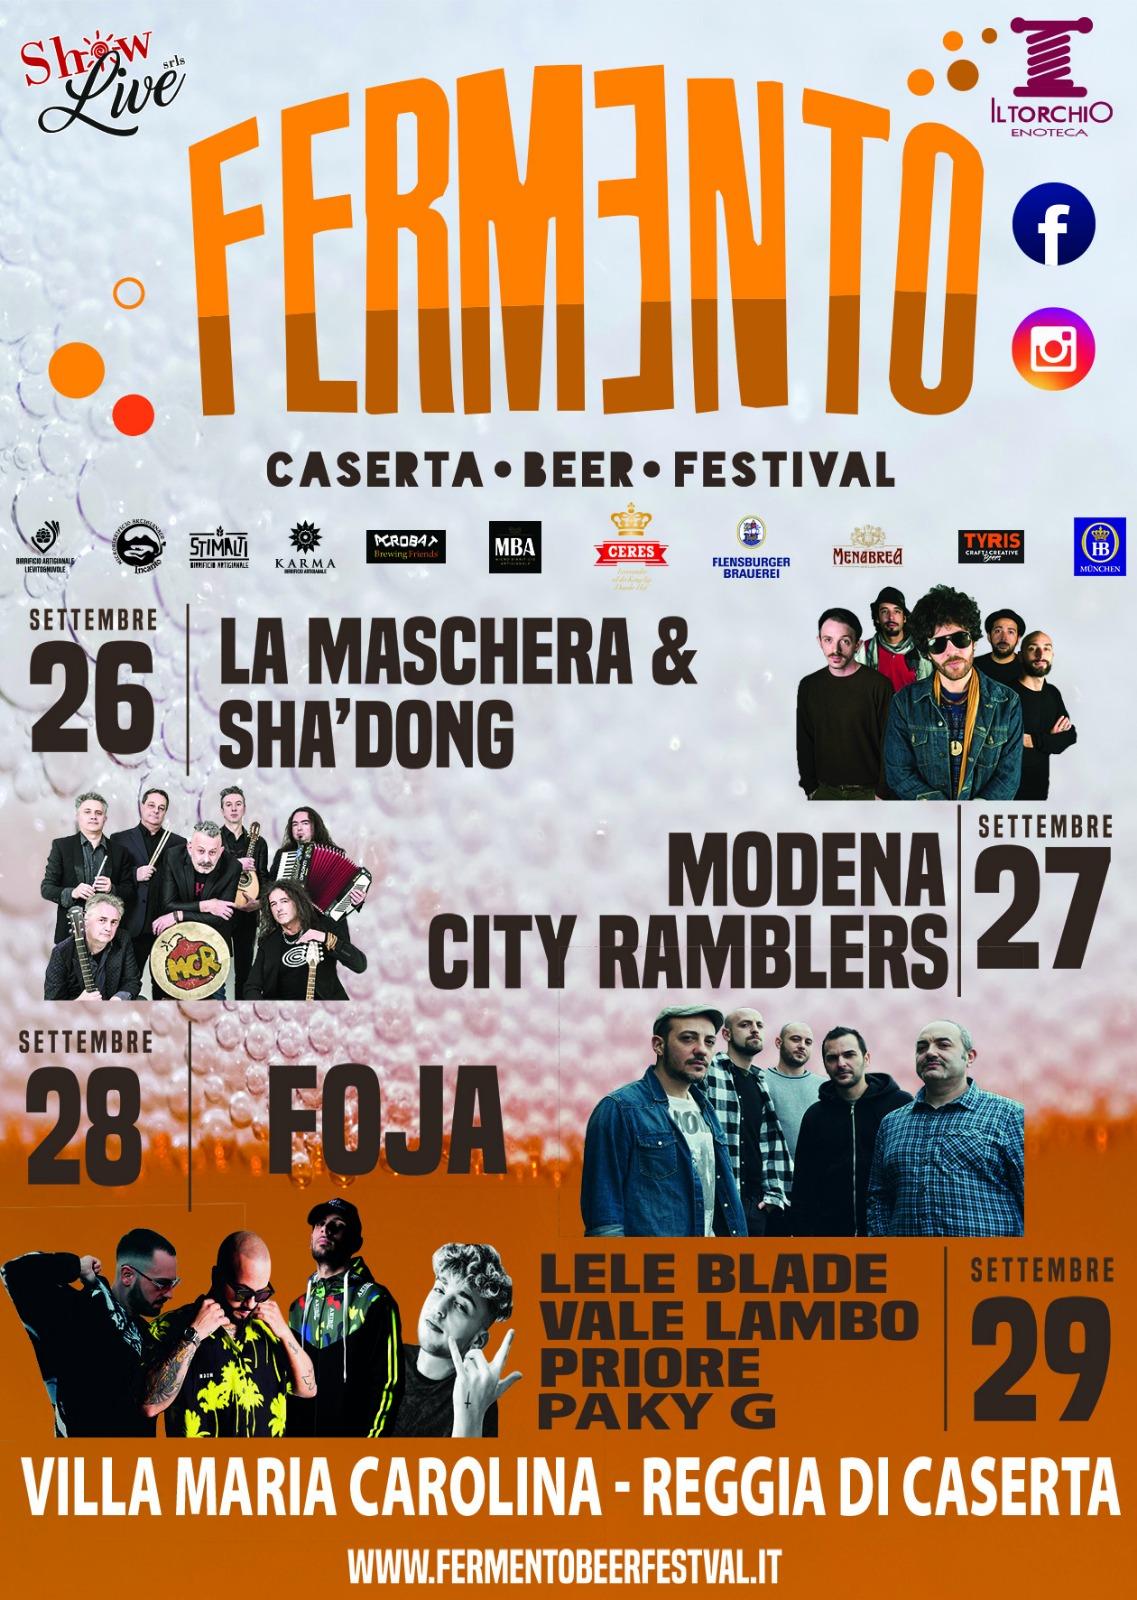 FERMENTO beer fest